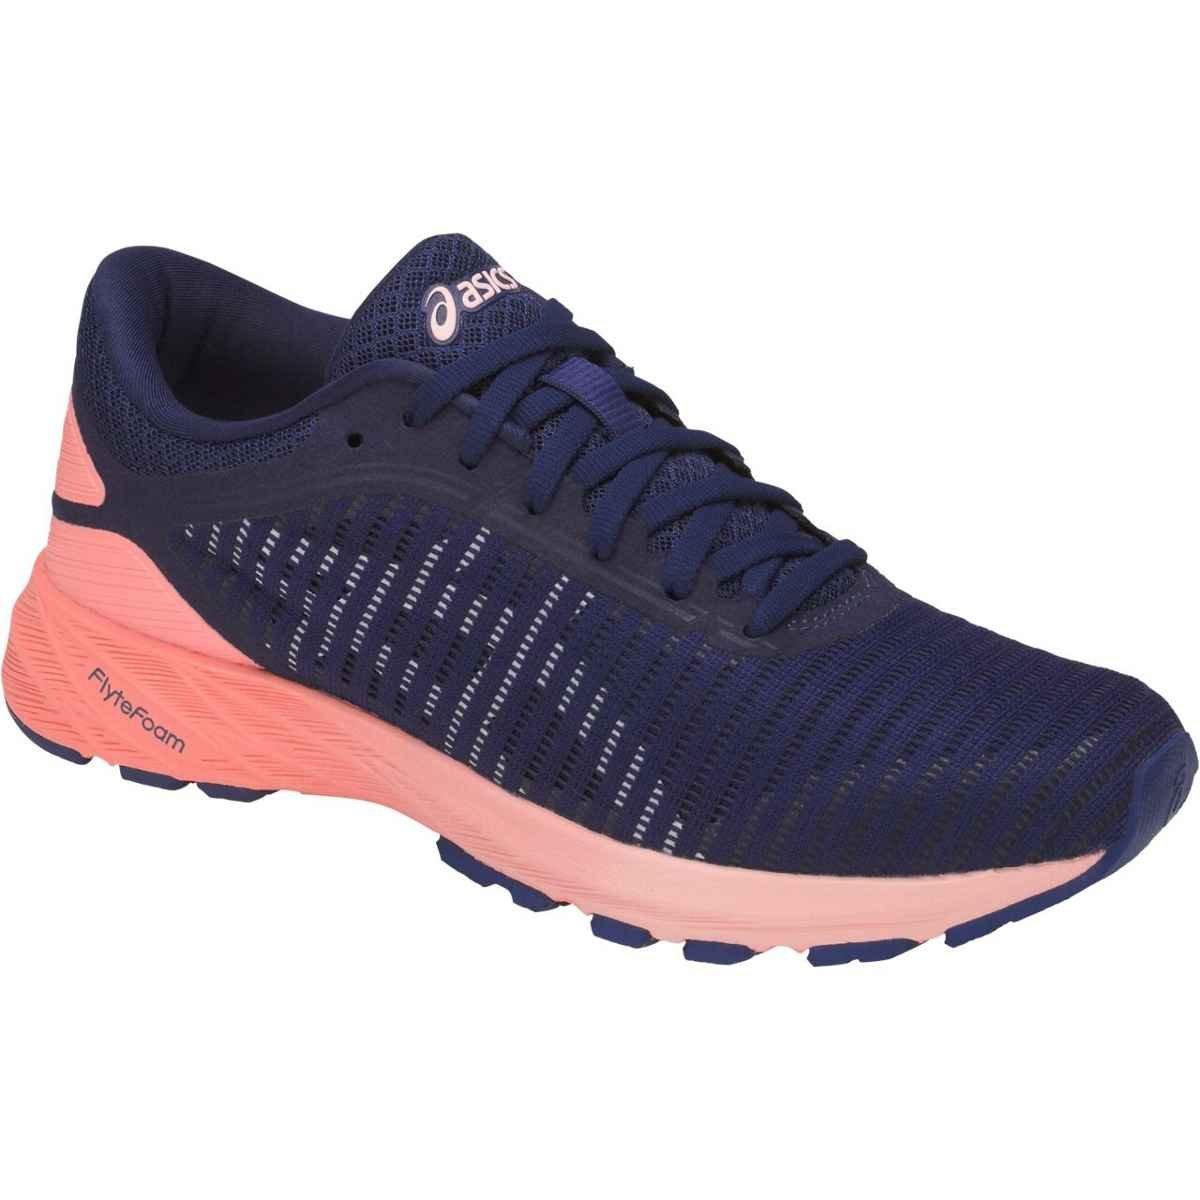 88cdbacea116bc ASICS Women s Dynaflyte Dynaflyte Dynaflyte 2 Running Shoe B072LMW11X 5  B(M) US